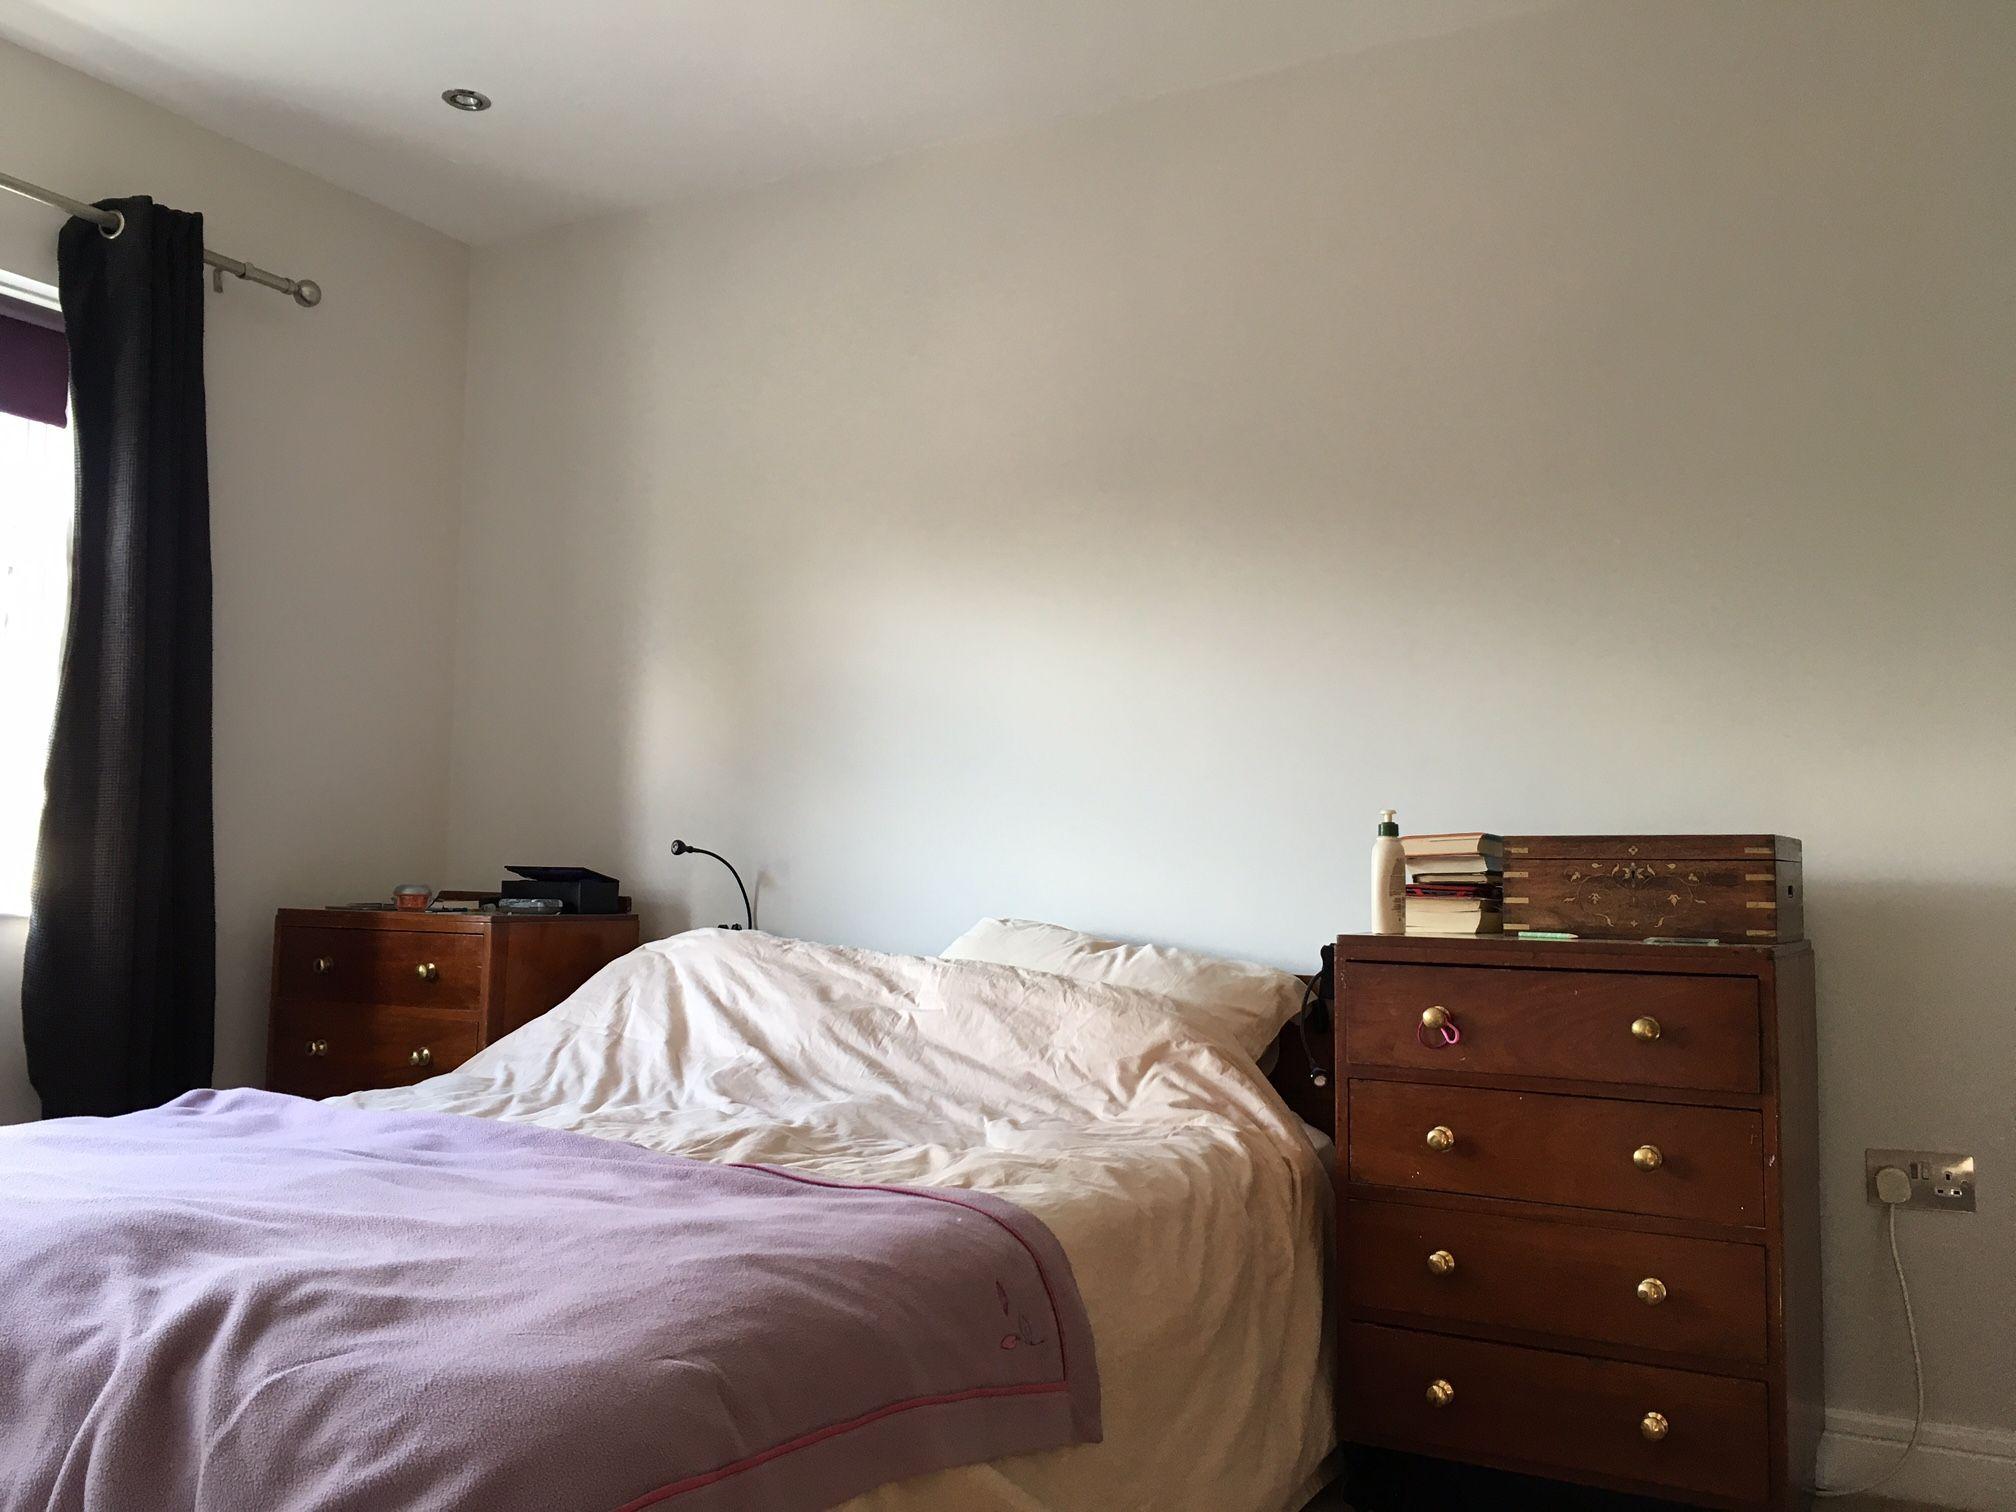 Dulux Zestaw Bedroom In A Box: Dulux Just Walnut On Walls